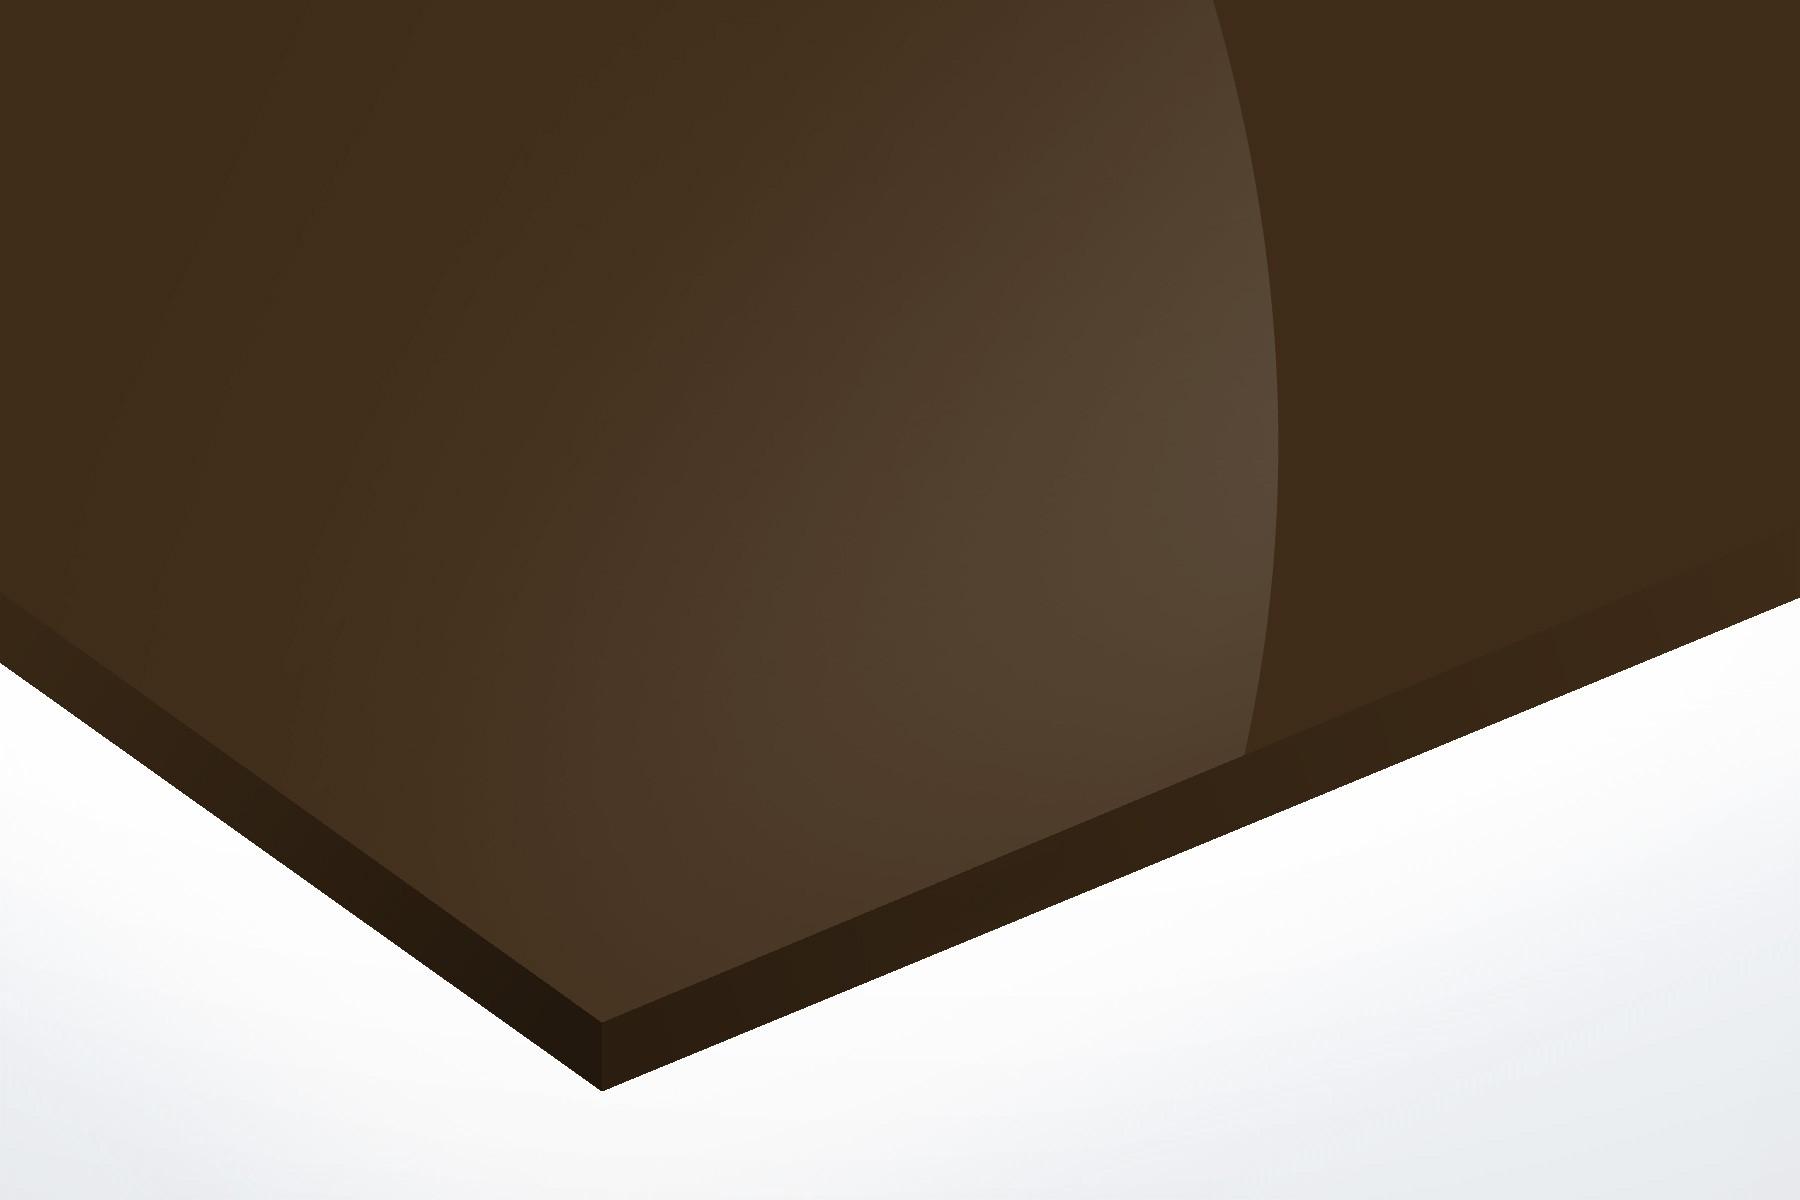 302/20/6397 Alu brillant Bronze foncé 2mm